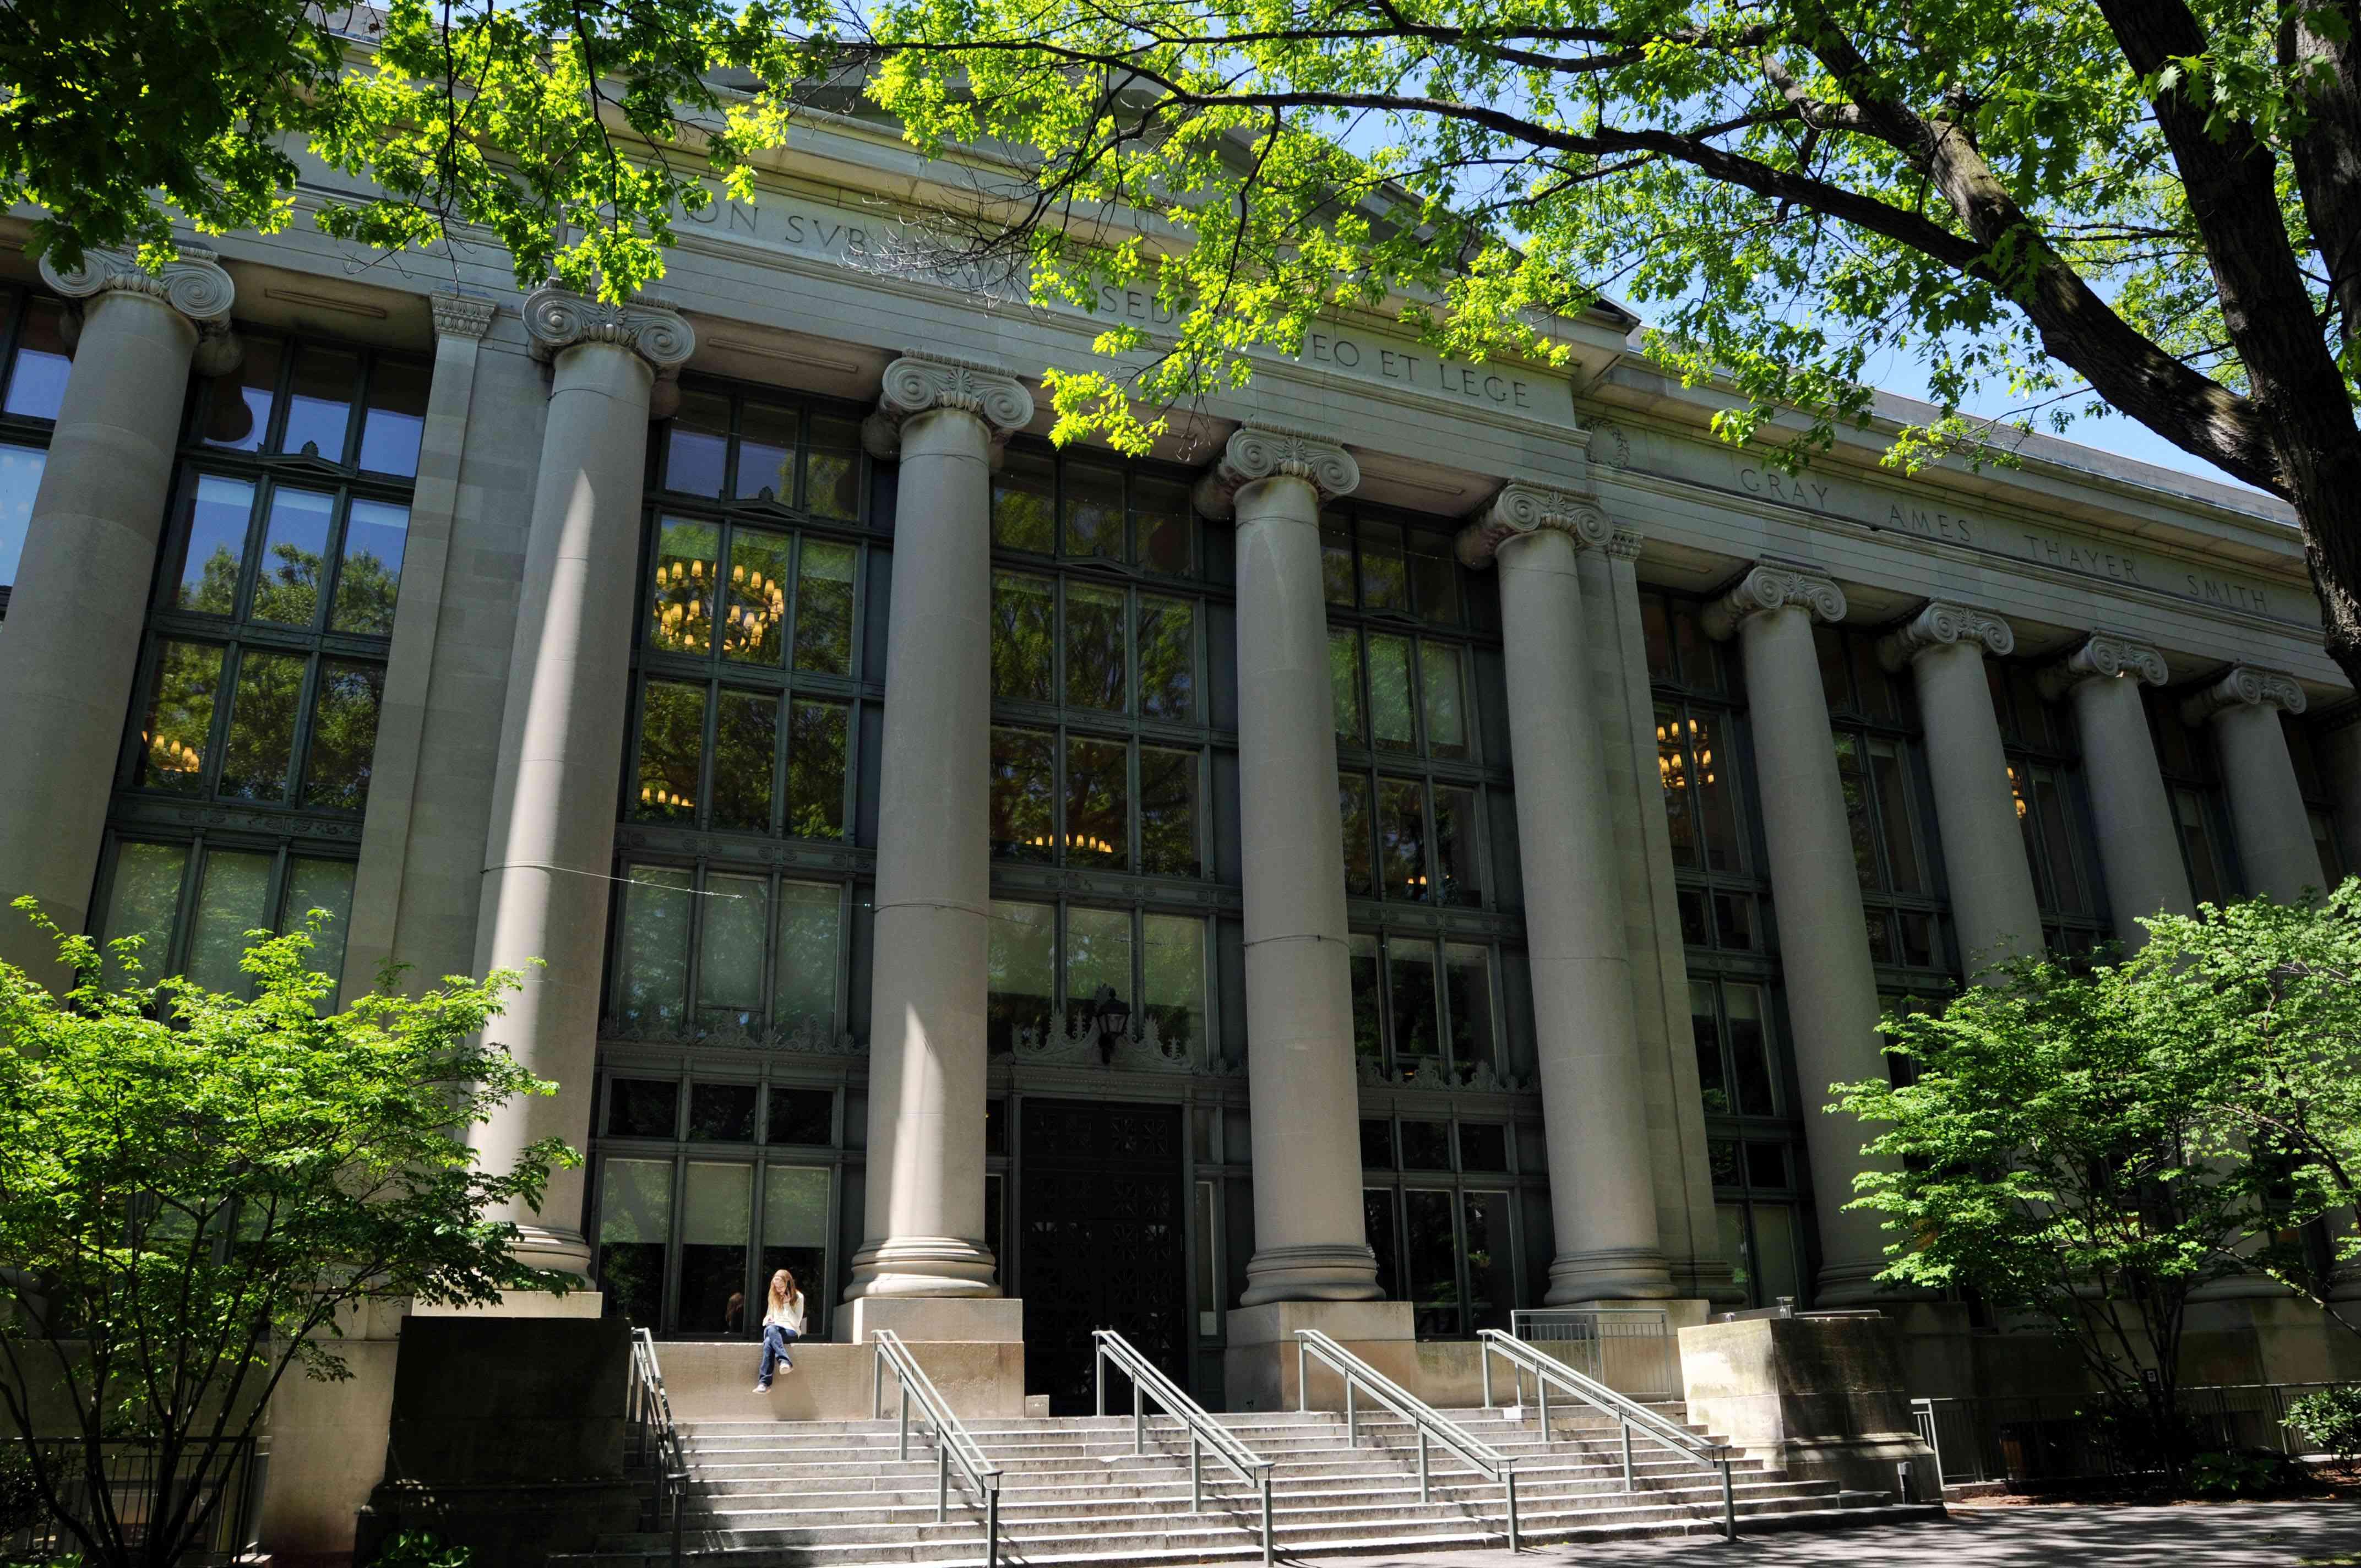 Harvard Law School's Langdell Hall